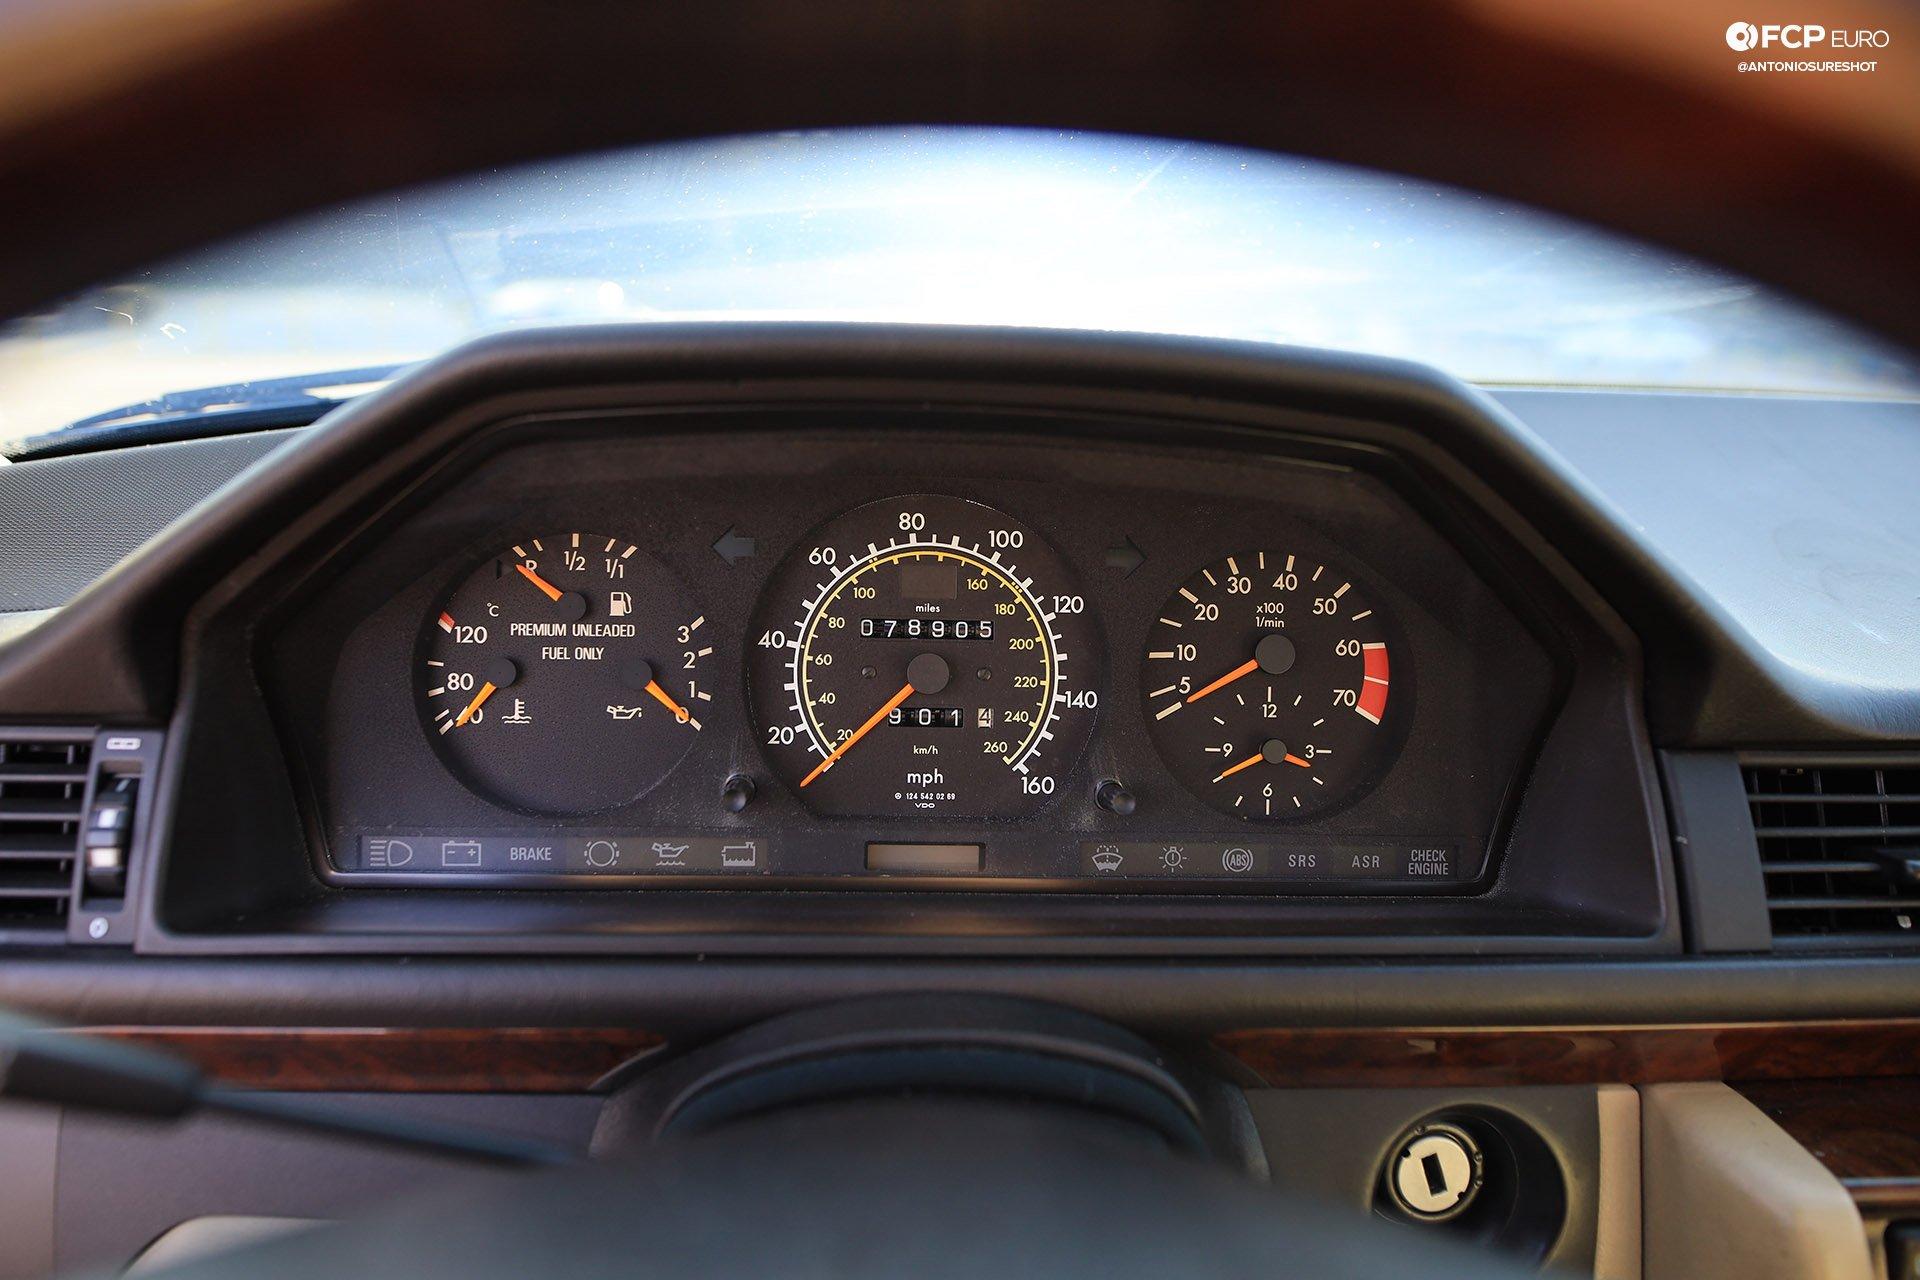 Mercedes Benz Porsche 500E EOSR7917